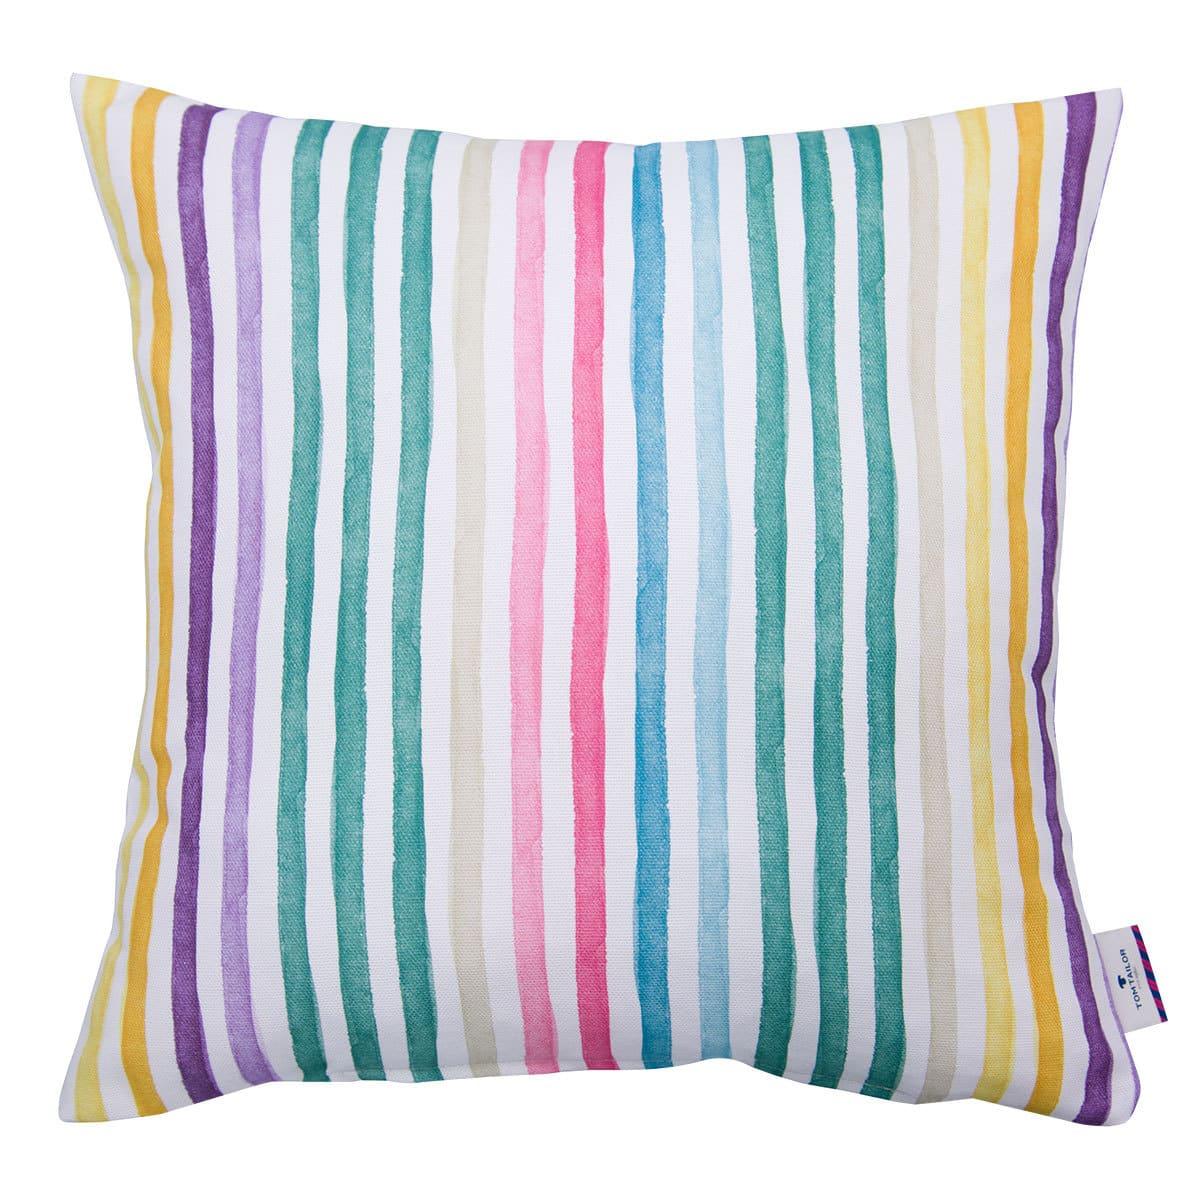 Tom Tailor Kissenhülle Rainbow Stripes multi/weiß